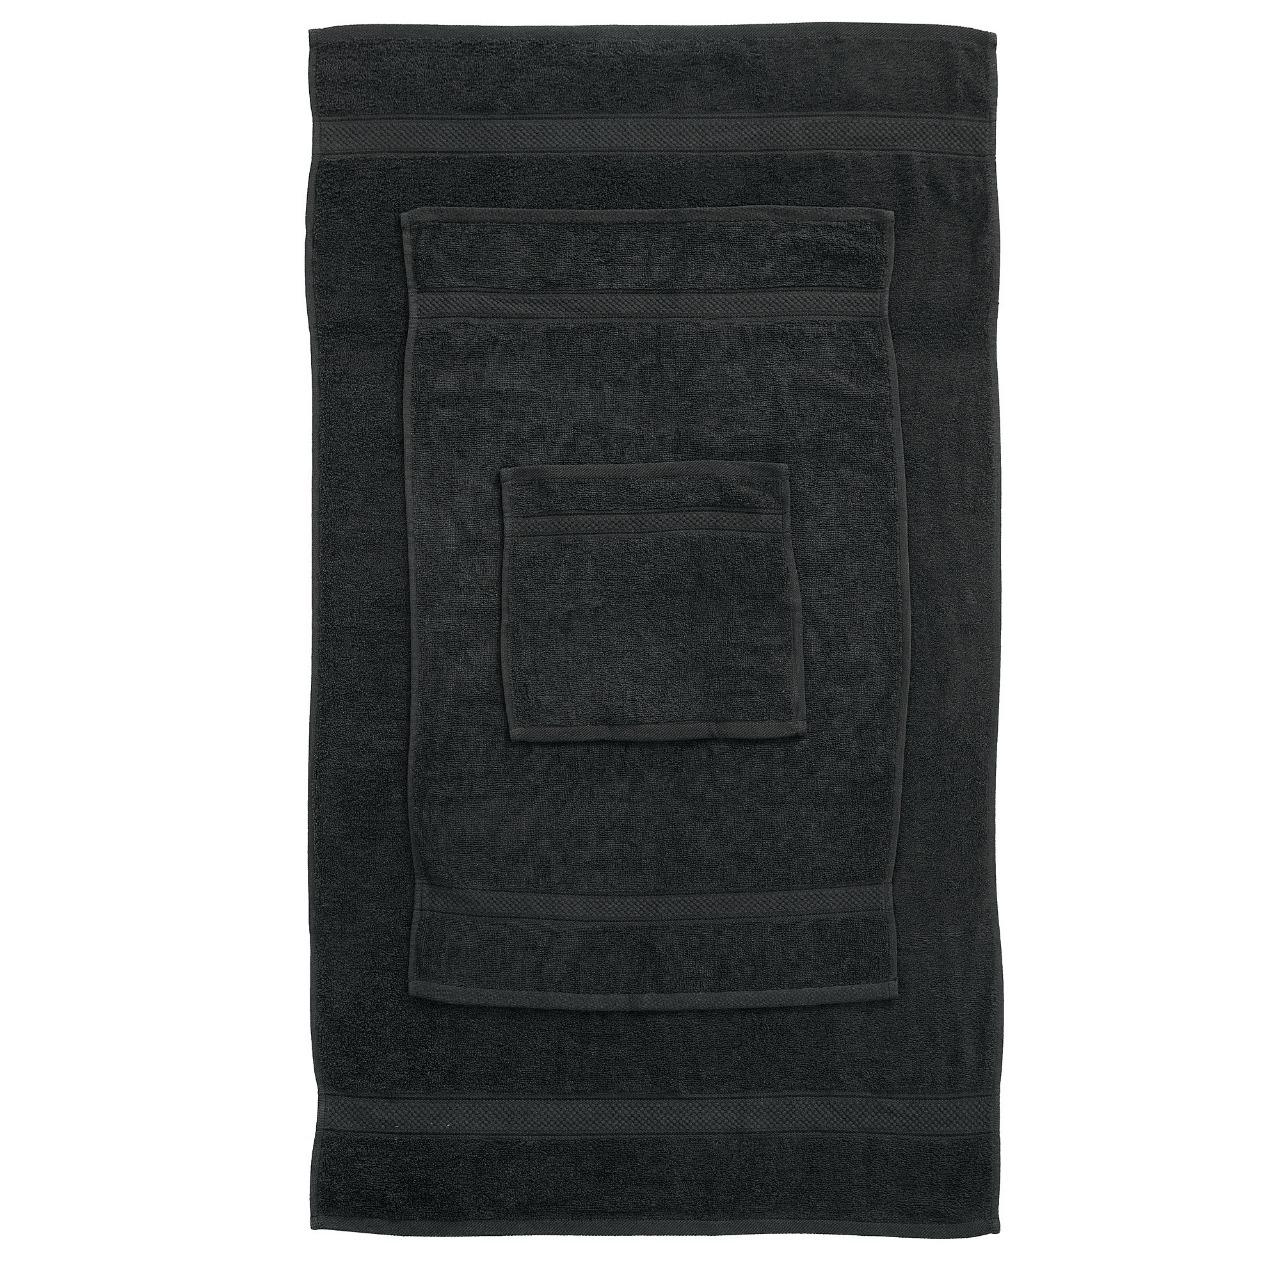 10 Pcs 100% Cotton Black Premium Towel Bale Set Plain